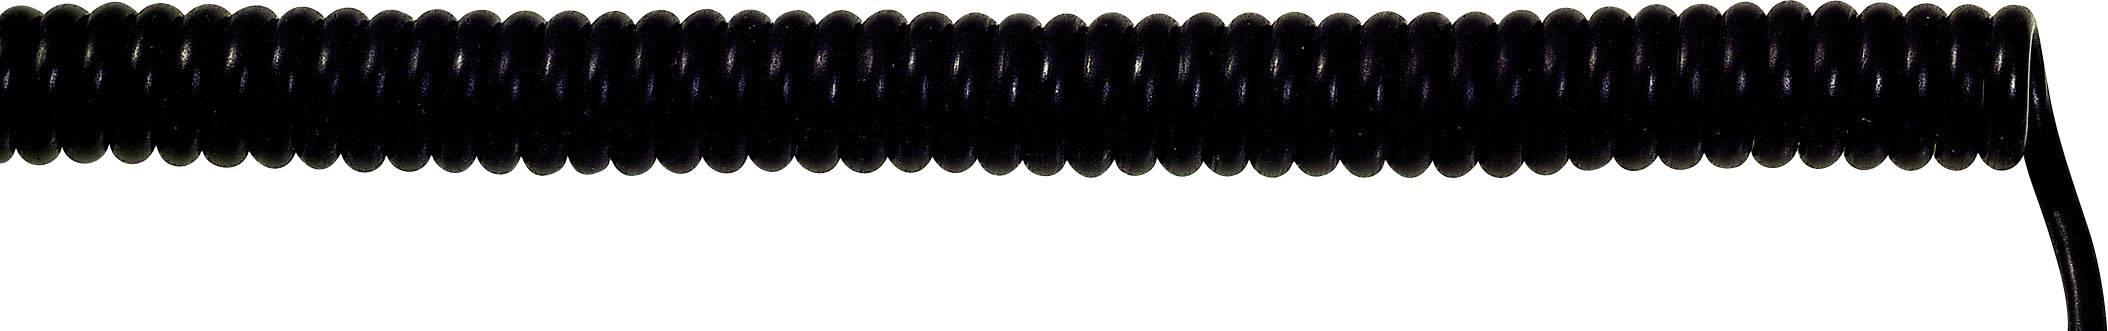 Špirálový kábel 73220219 UNITRONIC® SPIRAL 5 x 0.14 mm², 500 mm / 2000 mm, čierna